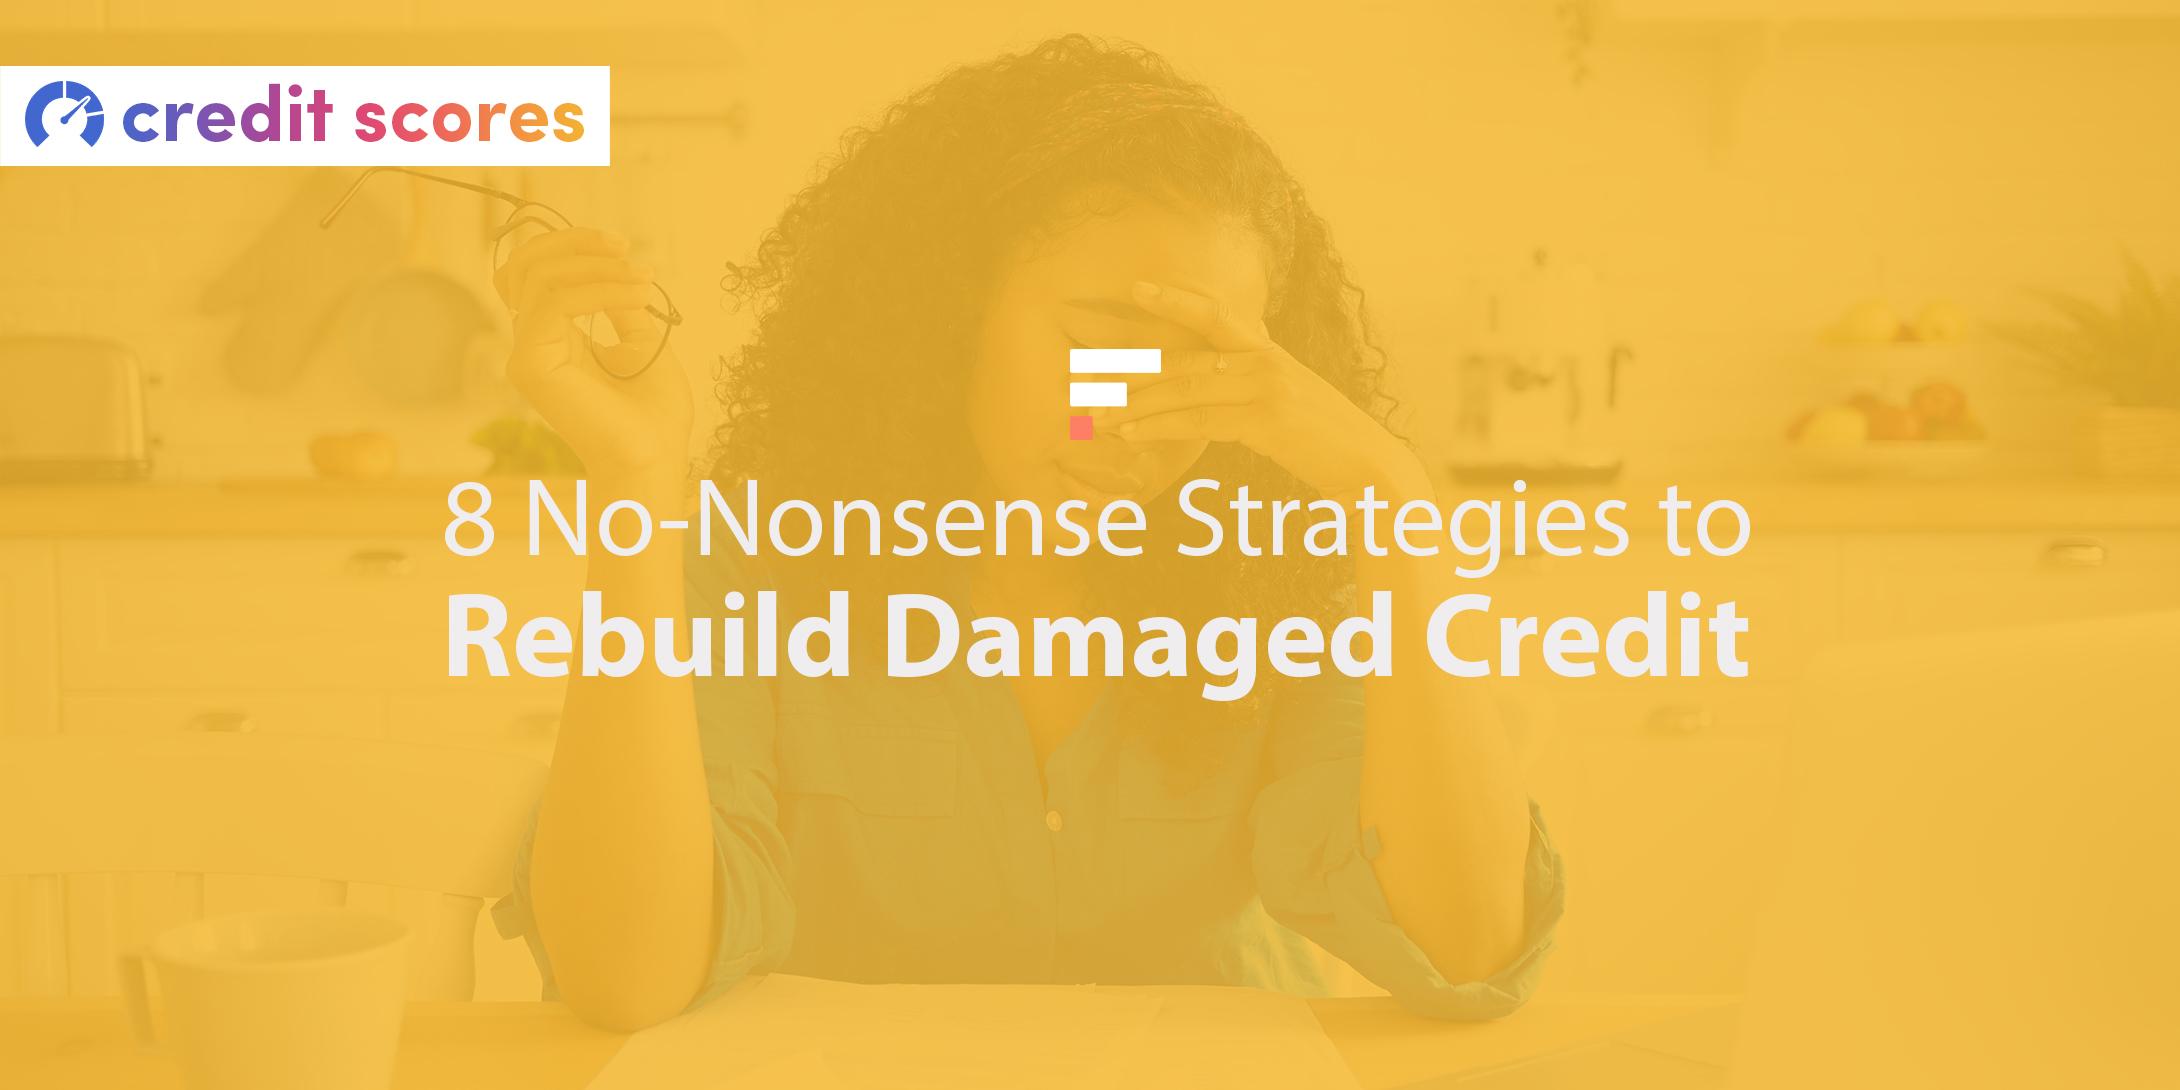 Strategies to rebuild damaged credit